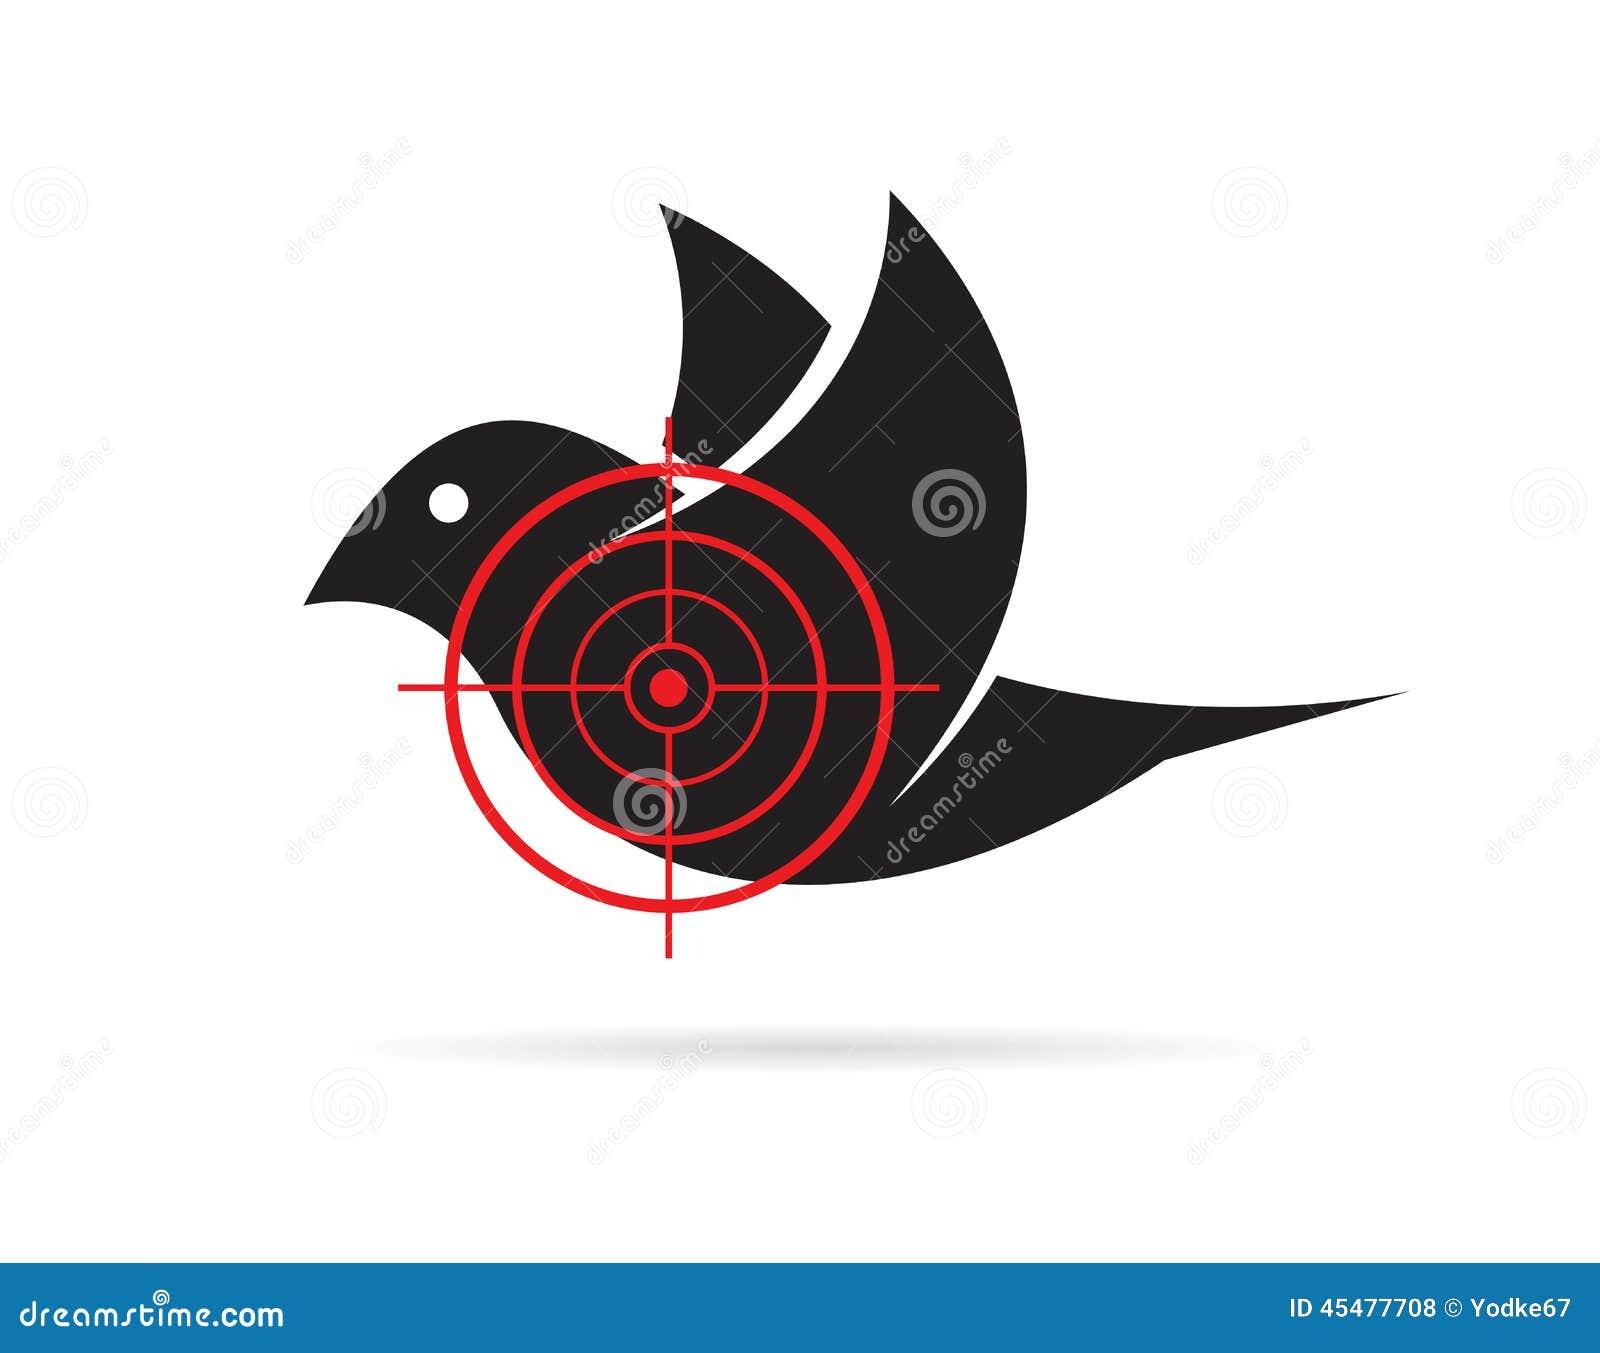 Vector Image Of Bird Target Stock Vector Image: 45477708 - 1300x1116 ...